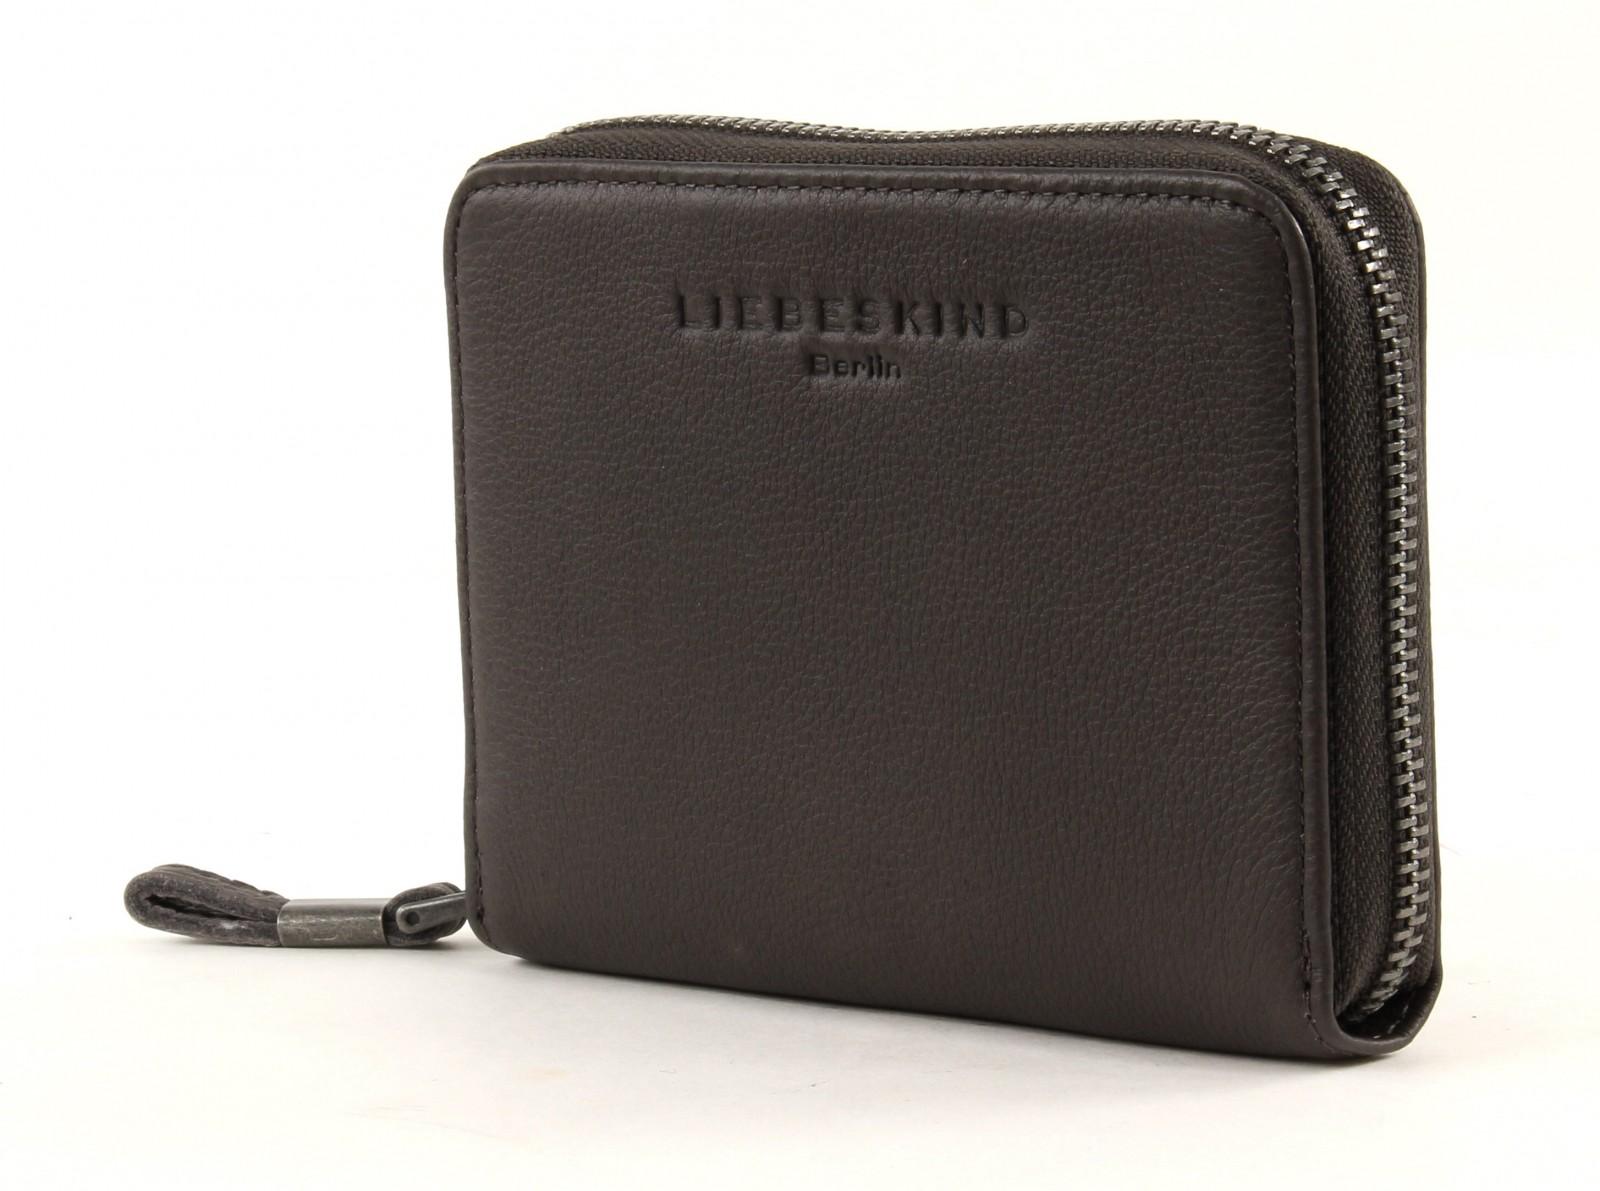 liebeskind berlin purse vintage conny 6h greyish ebay. Black Bedroom Furniture Sets. Home Design Ideas